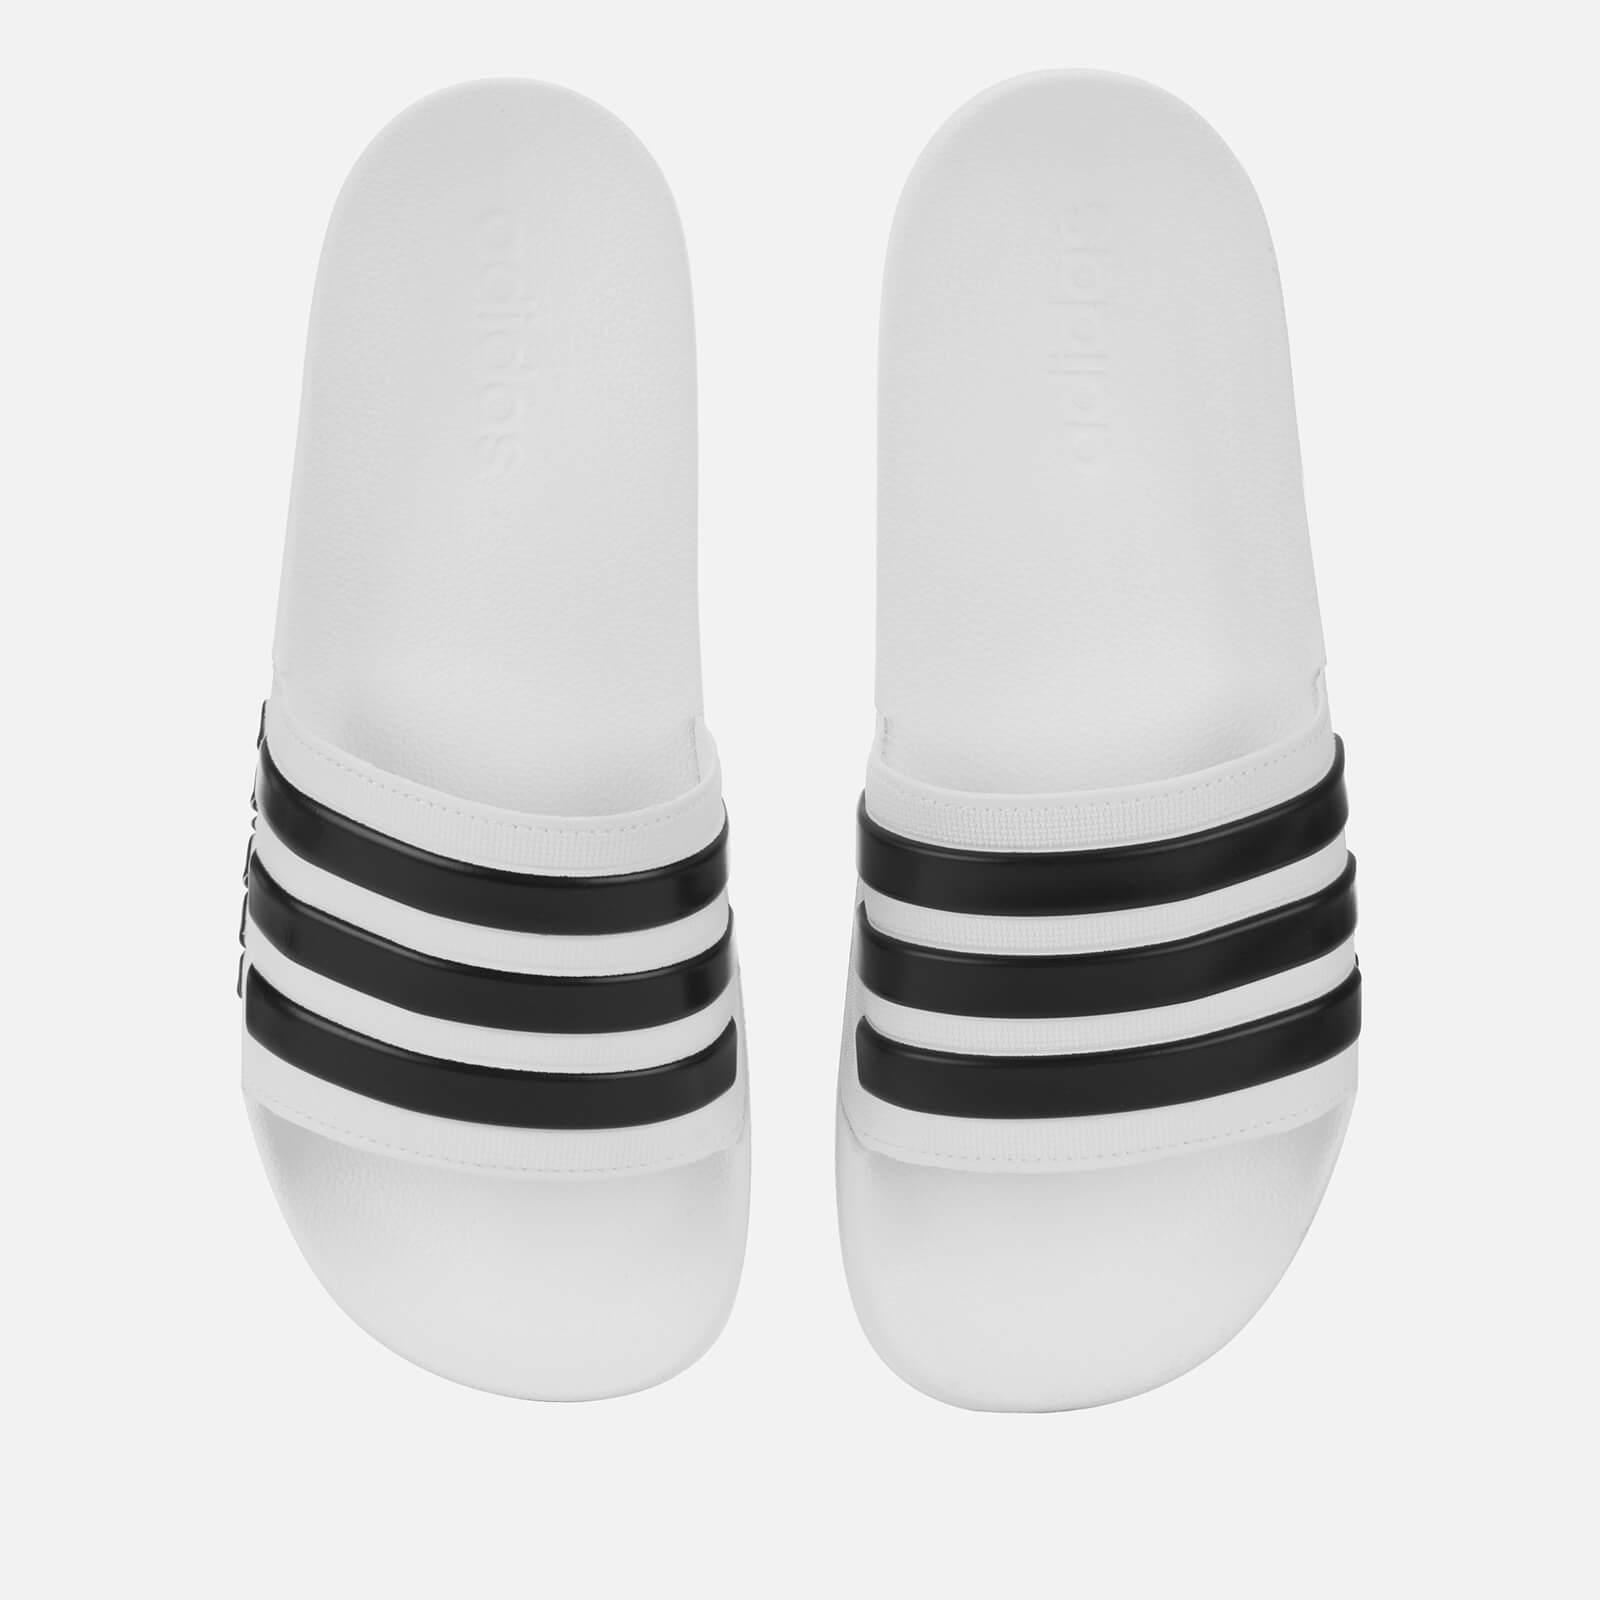 adidas Men's Adilette Shower Slide Sandals - White - UK 7 - White